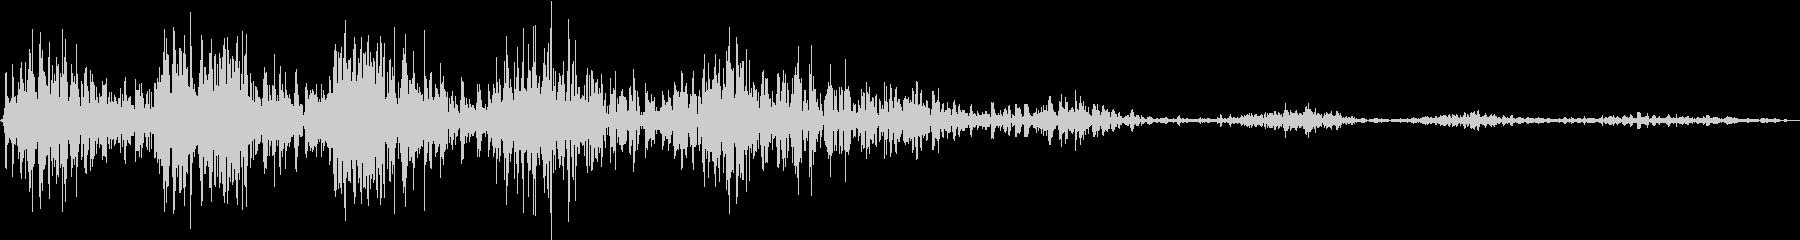 モンスター 笑い声 02の未再生の波形